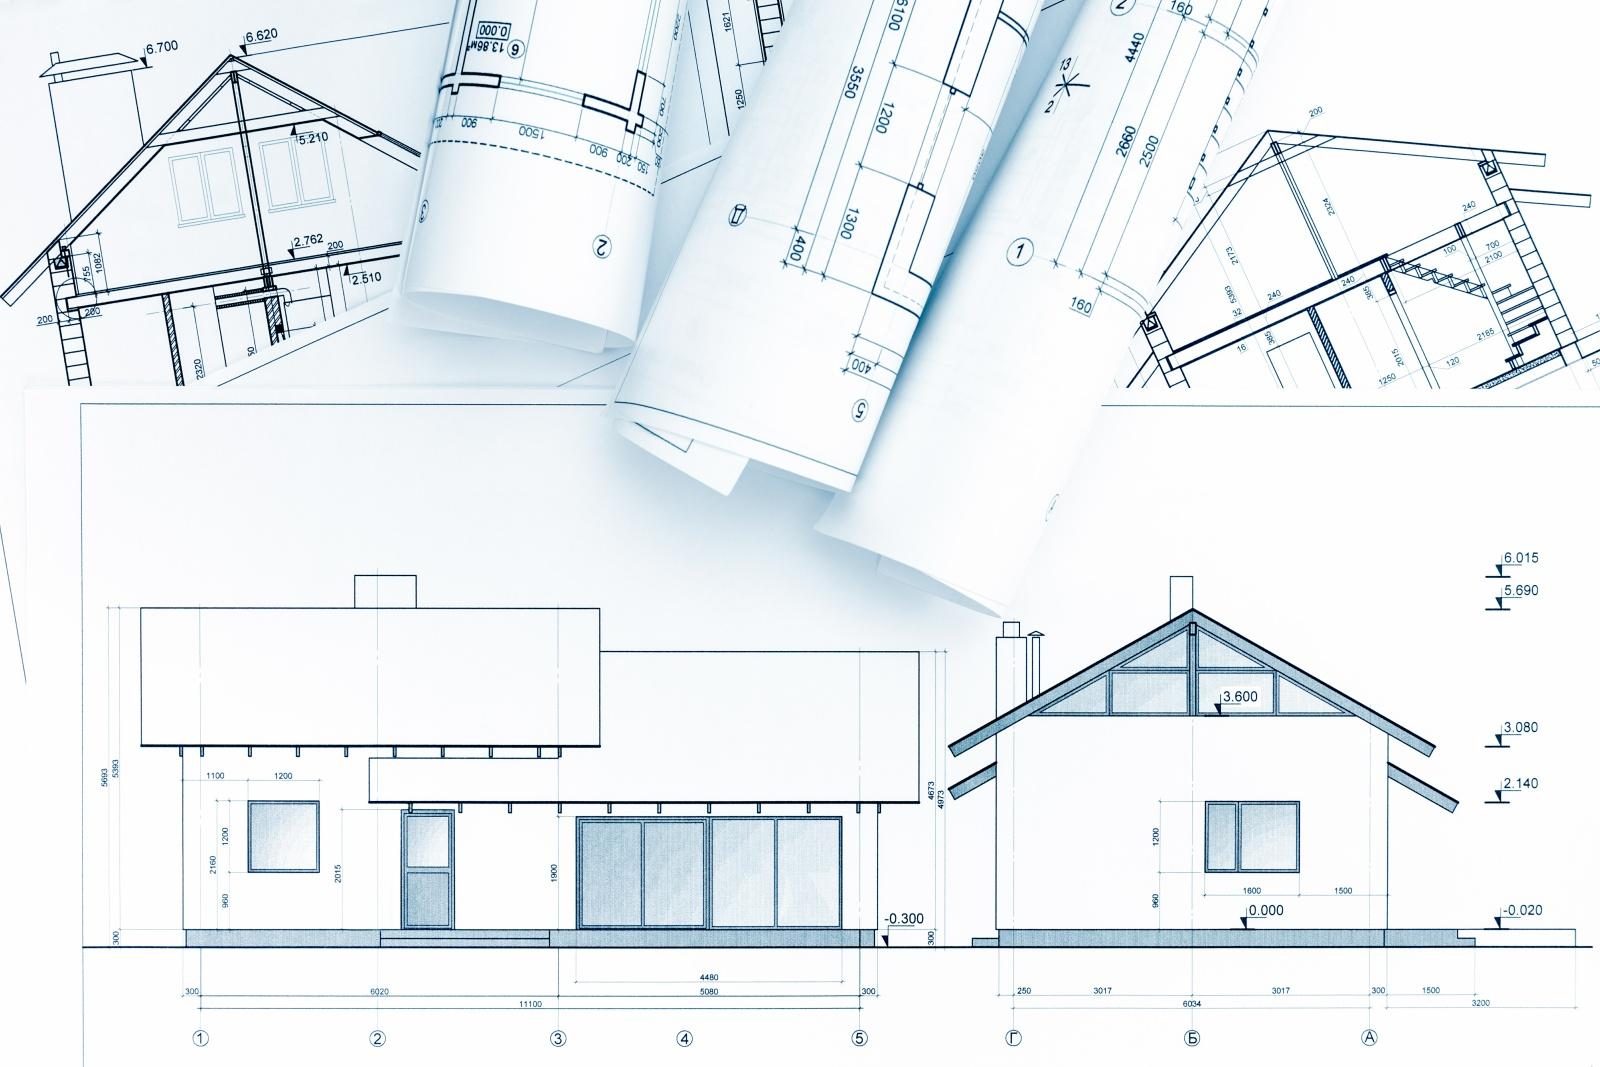 aide pour construire une maison moins cher permis de construire moins cher. Black Bedroom Furniture Sets. Home Design Ideas